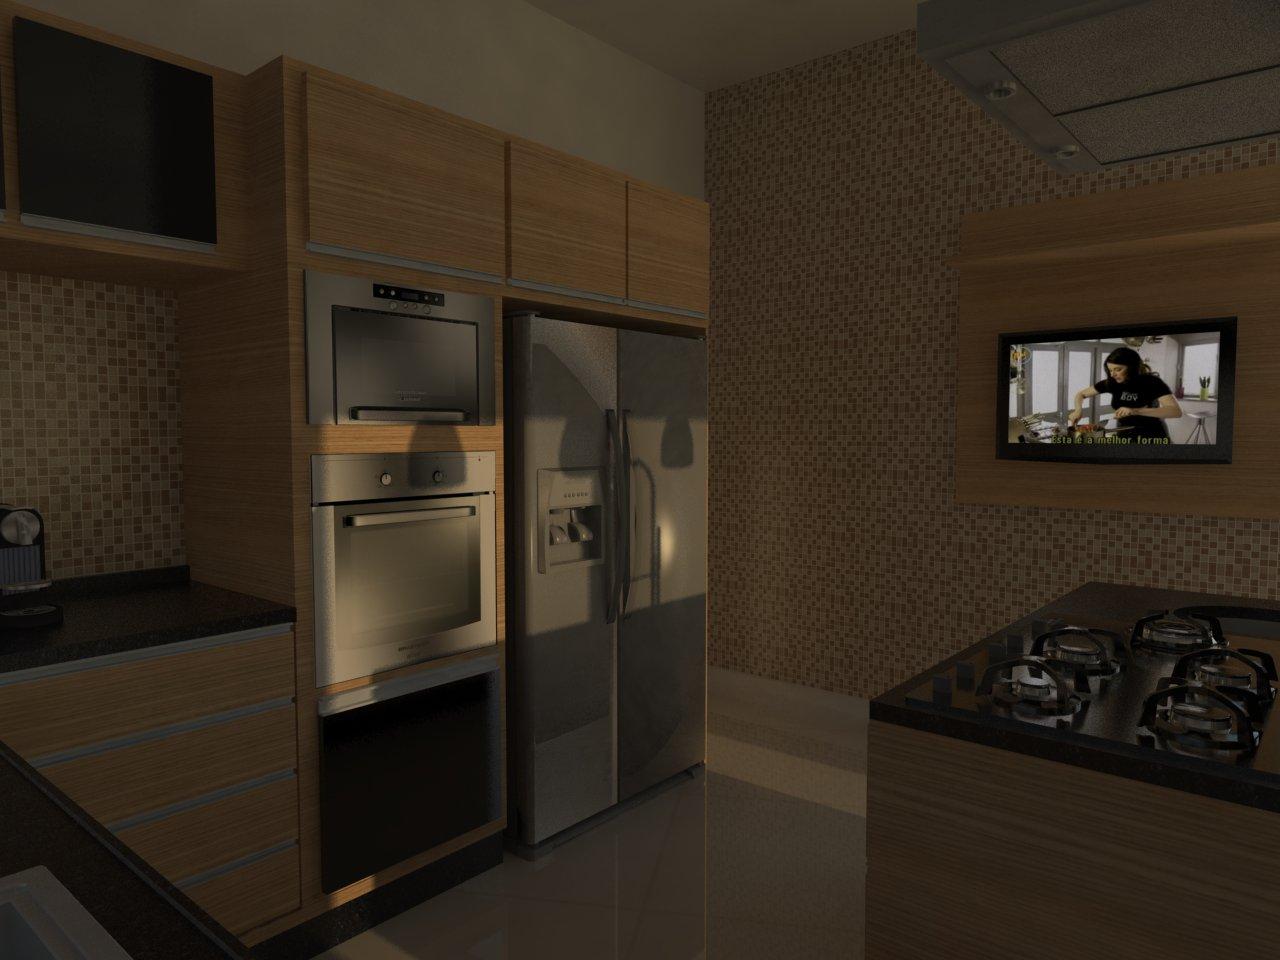 #32281C Cozinha Projeto 02 1280x960 px Projete Minha Própria Cozinha_914 Imagens